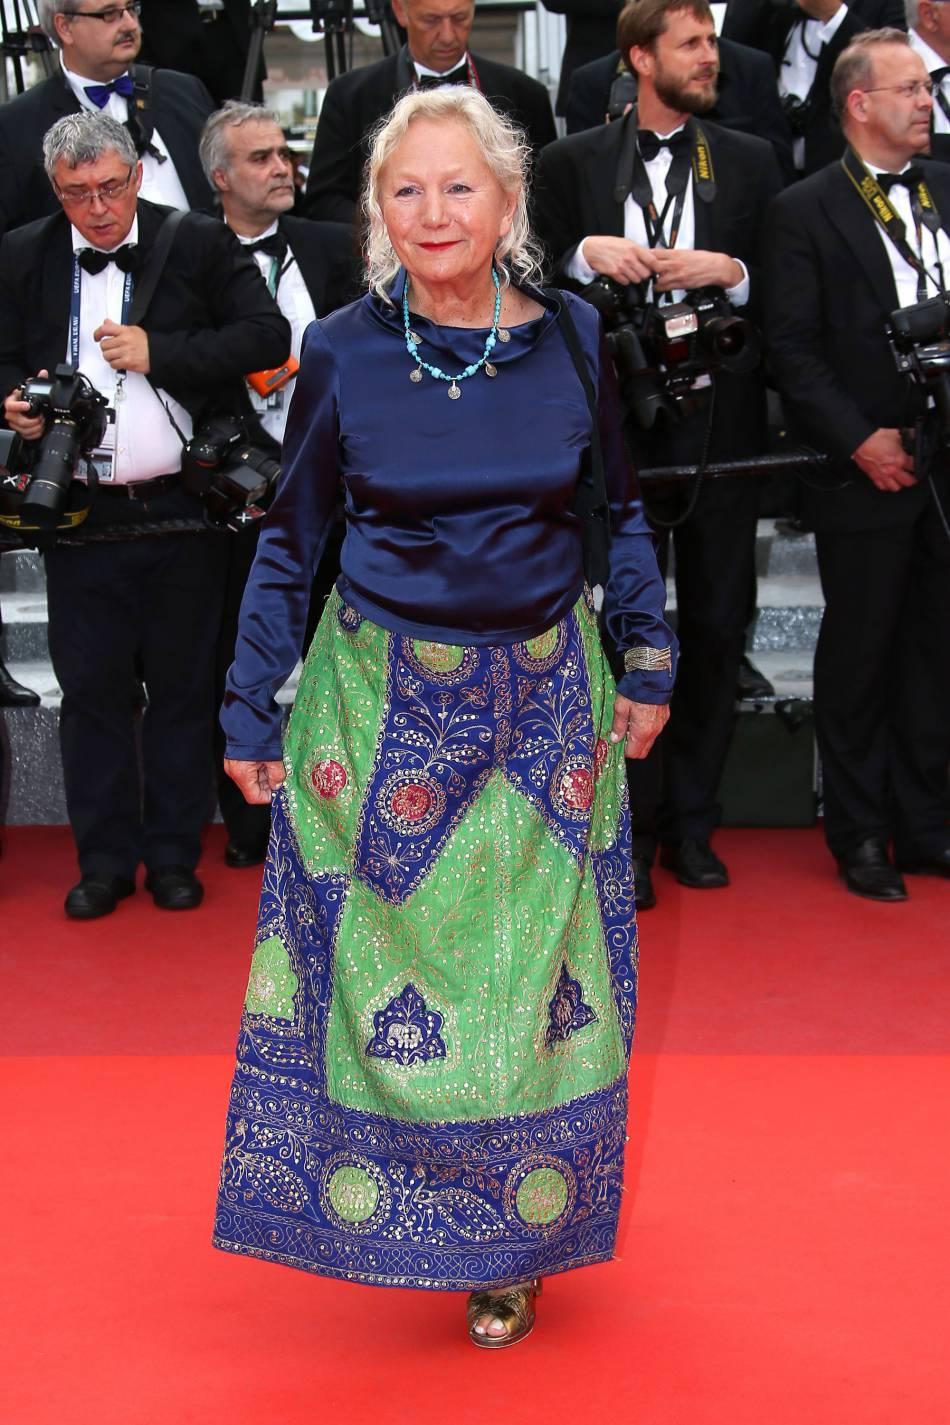 La créatrice Agnès b. sur le red carpet de Cannes, le 22 mai 2016.